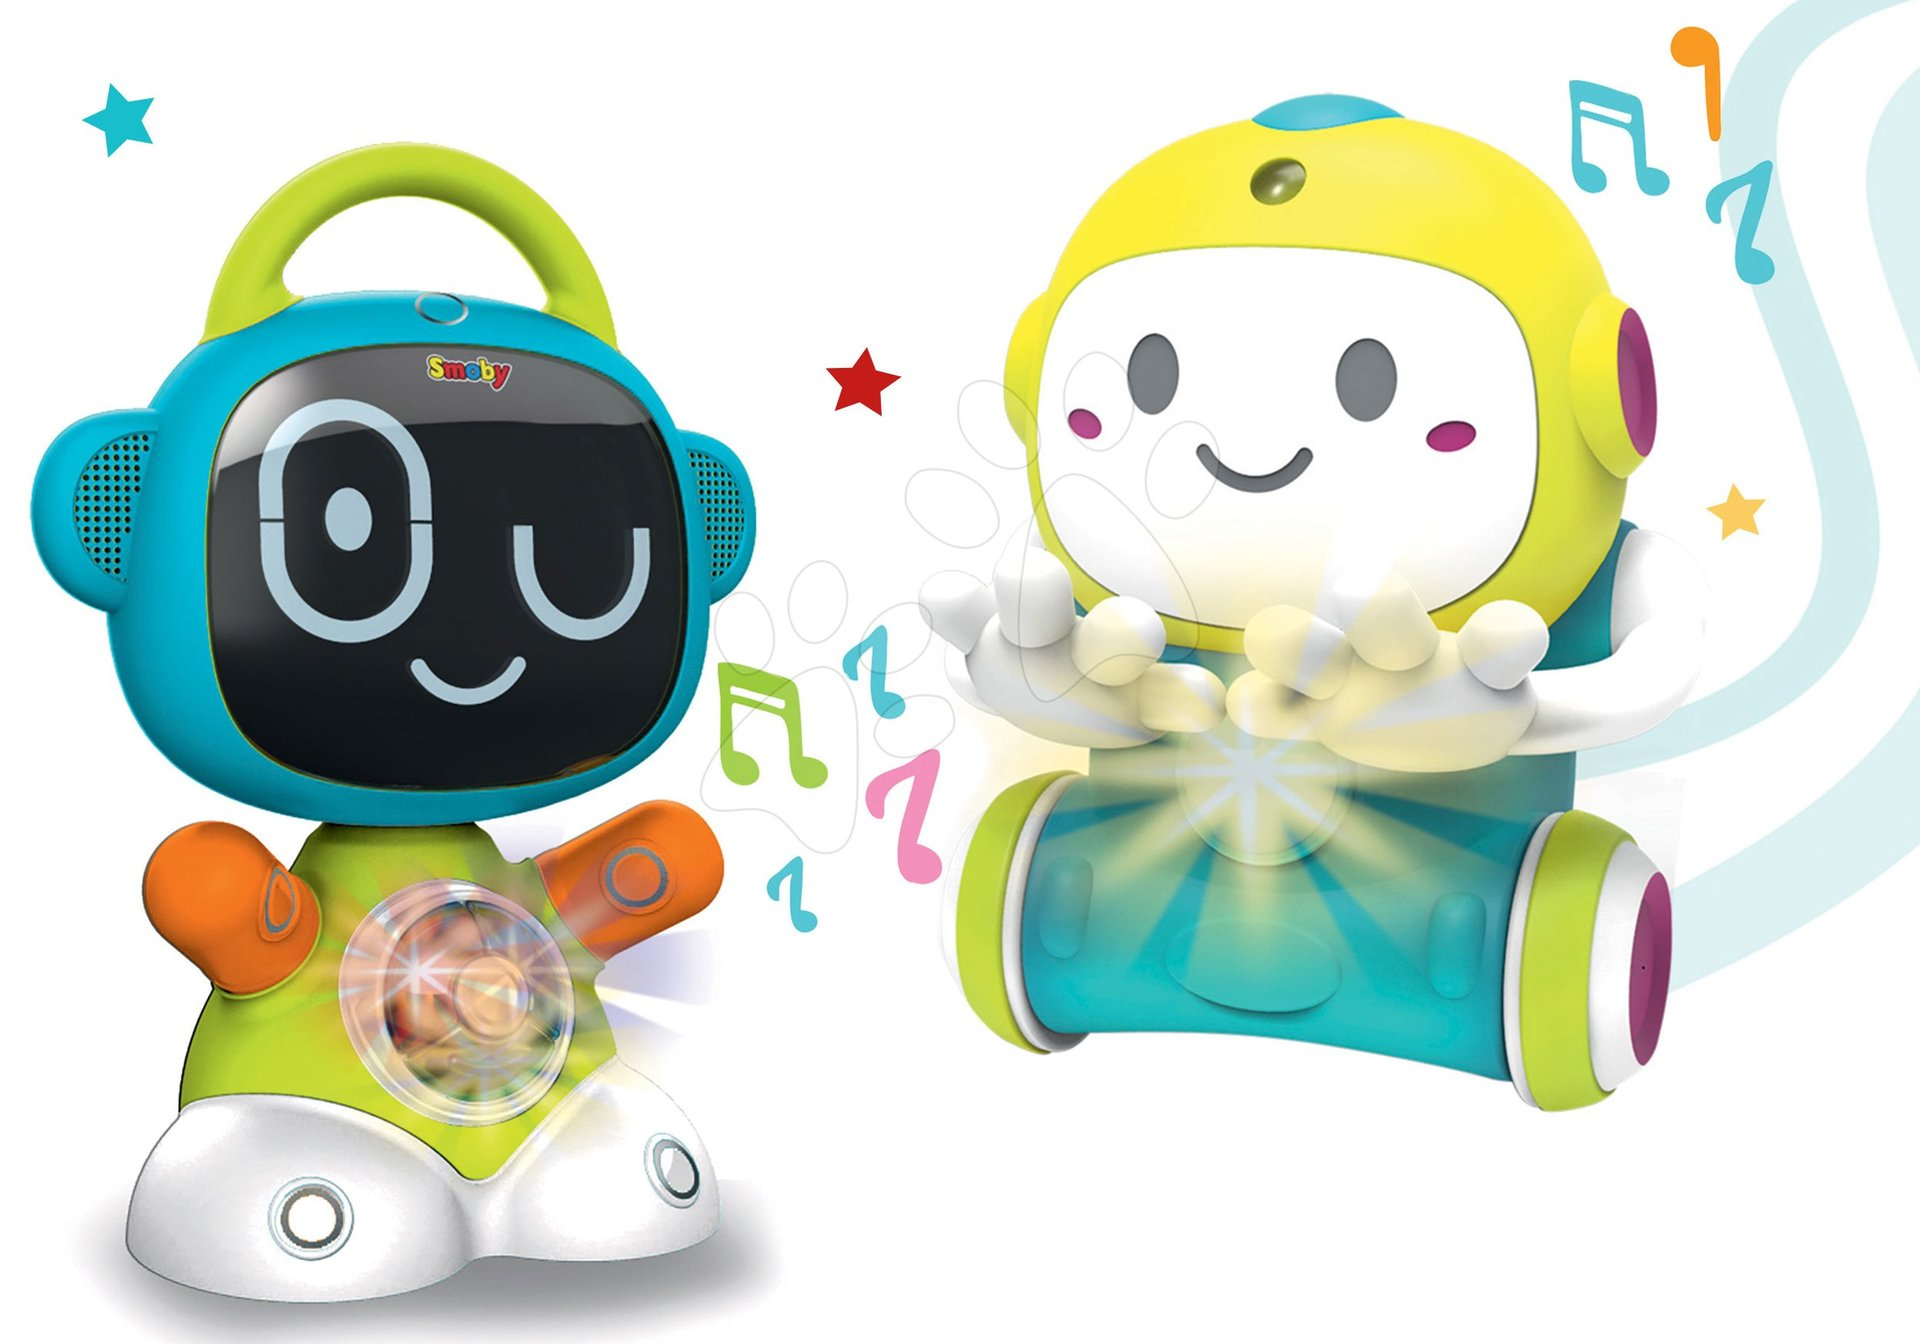 Igrače za dojenčke - Komplet interaktivni robot Robot TIC Smart Smoby s 3 poučnimi igrami in igra skrivalnic 1,2,3 s senzorjem gibanja